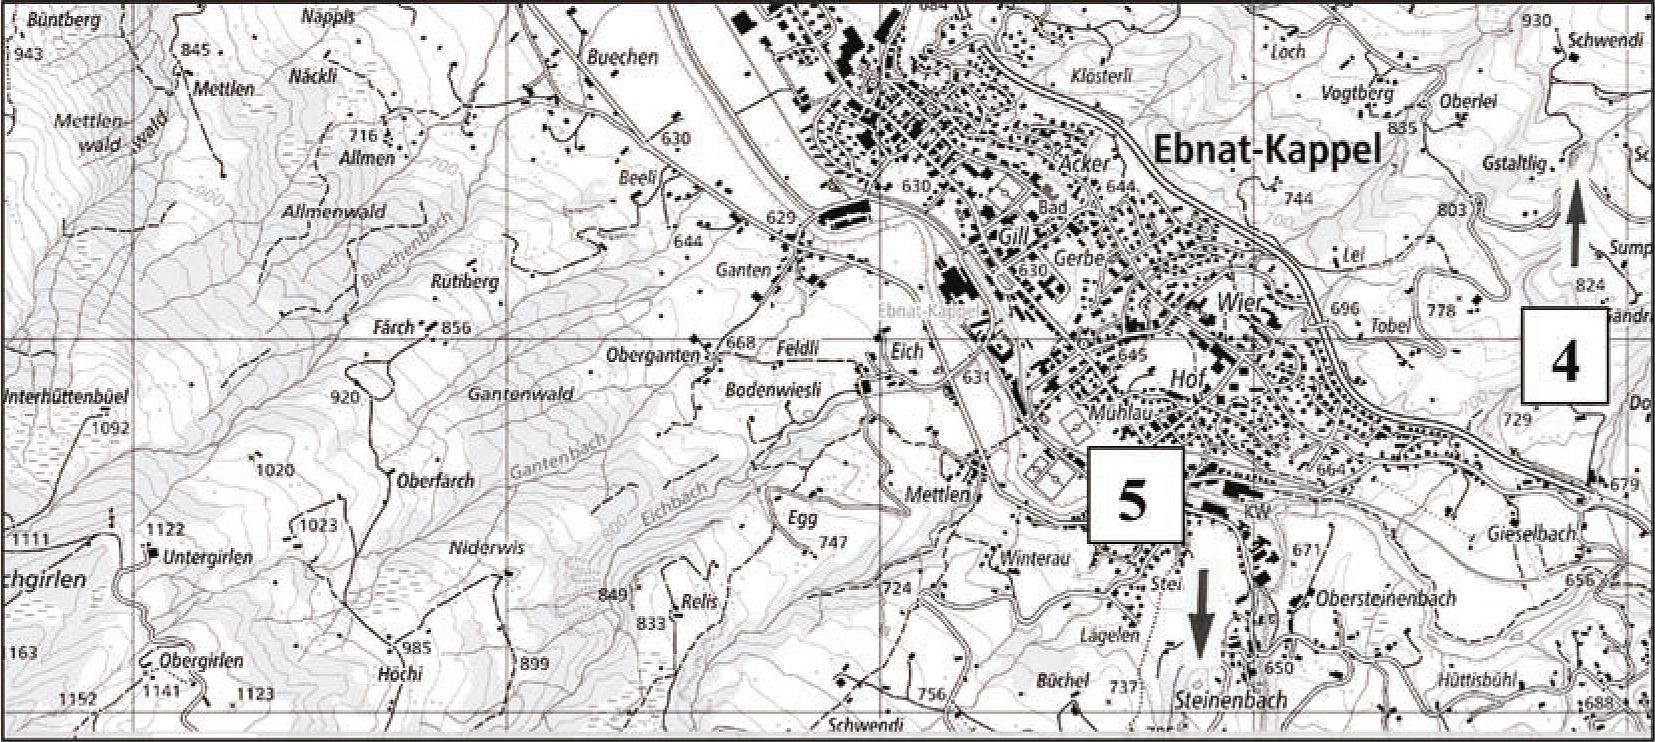 Abb. 3: Lage der Aufschlüsse in der Region Ebnat-Kappel (...)